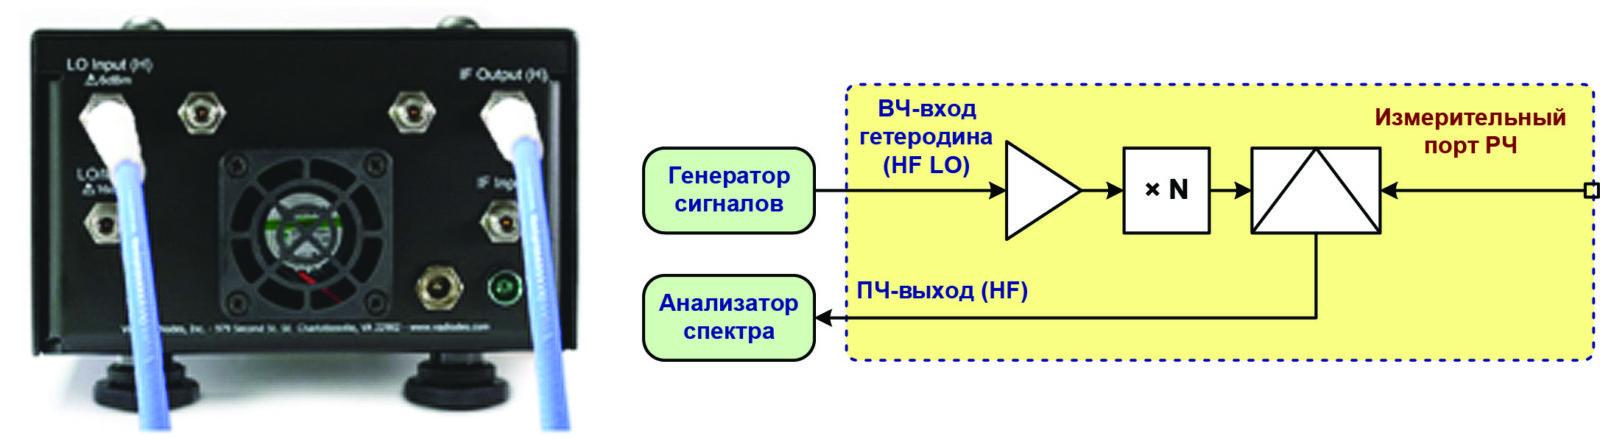 Преобразование сигнала вниз по частоте с использованием высокочастотного входного порта гетеродина. Входной ПЧ-порт не используется